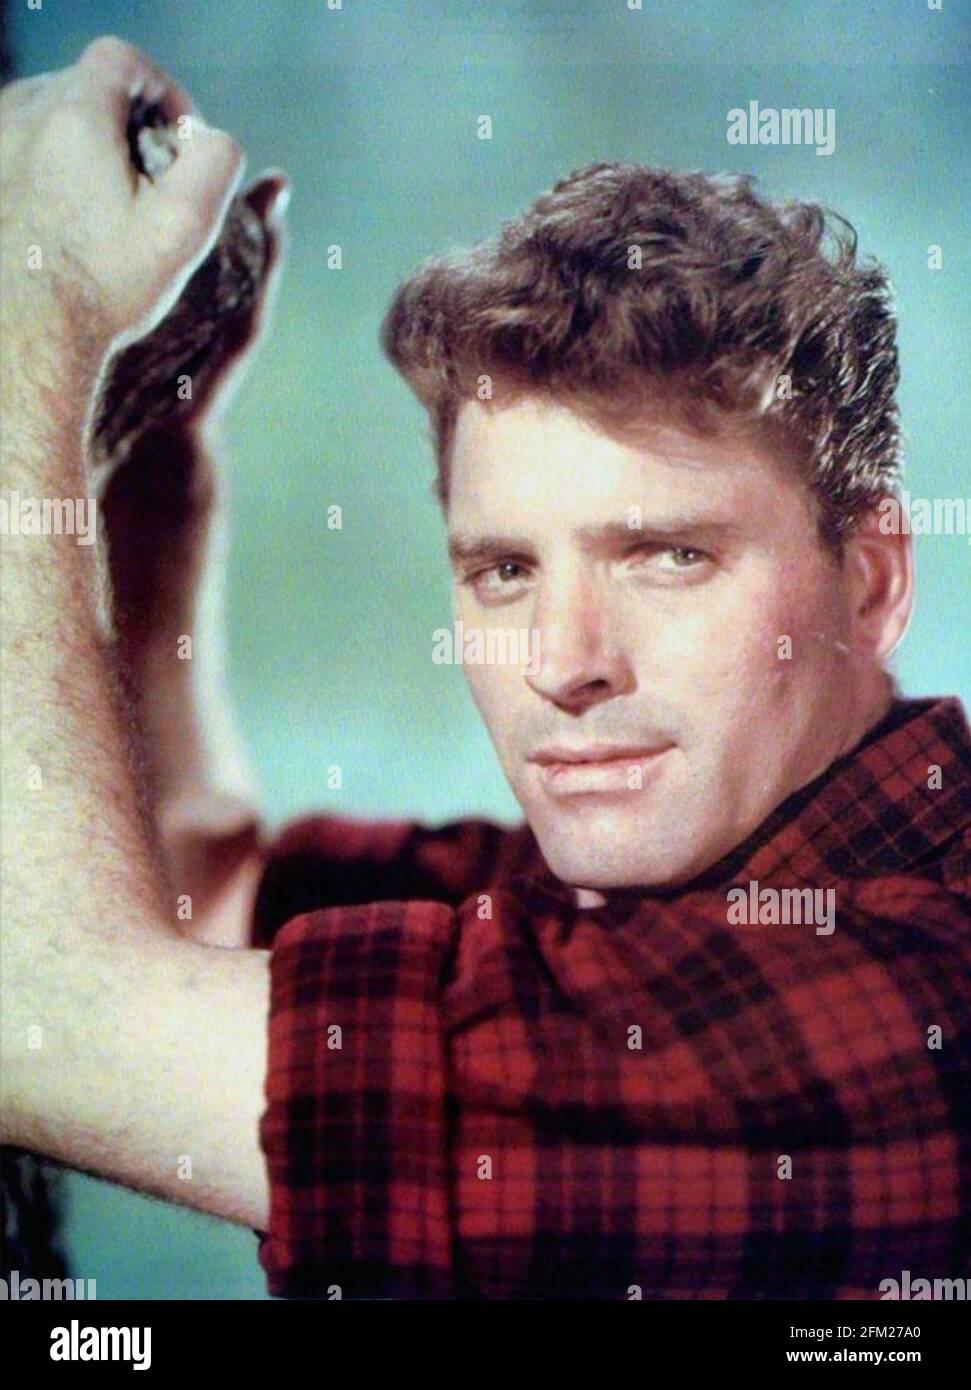 BURT LANCASTER (1§913-1994) acteur et producteur américain vers 1945 Banque D'Images